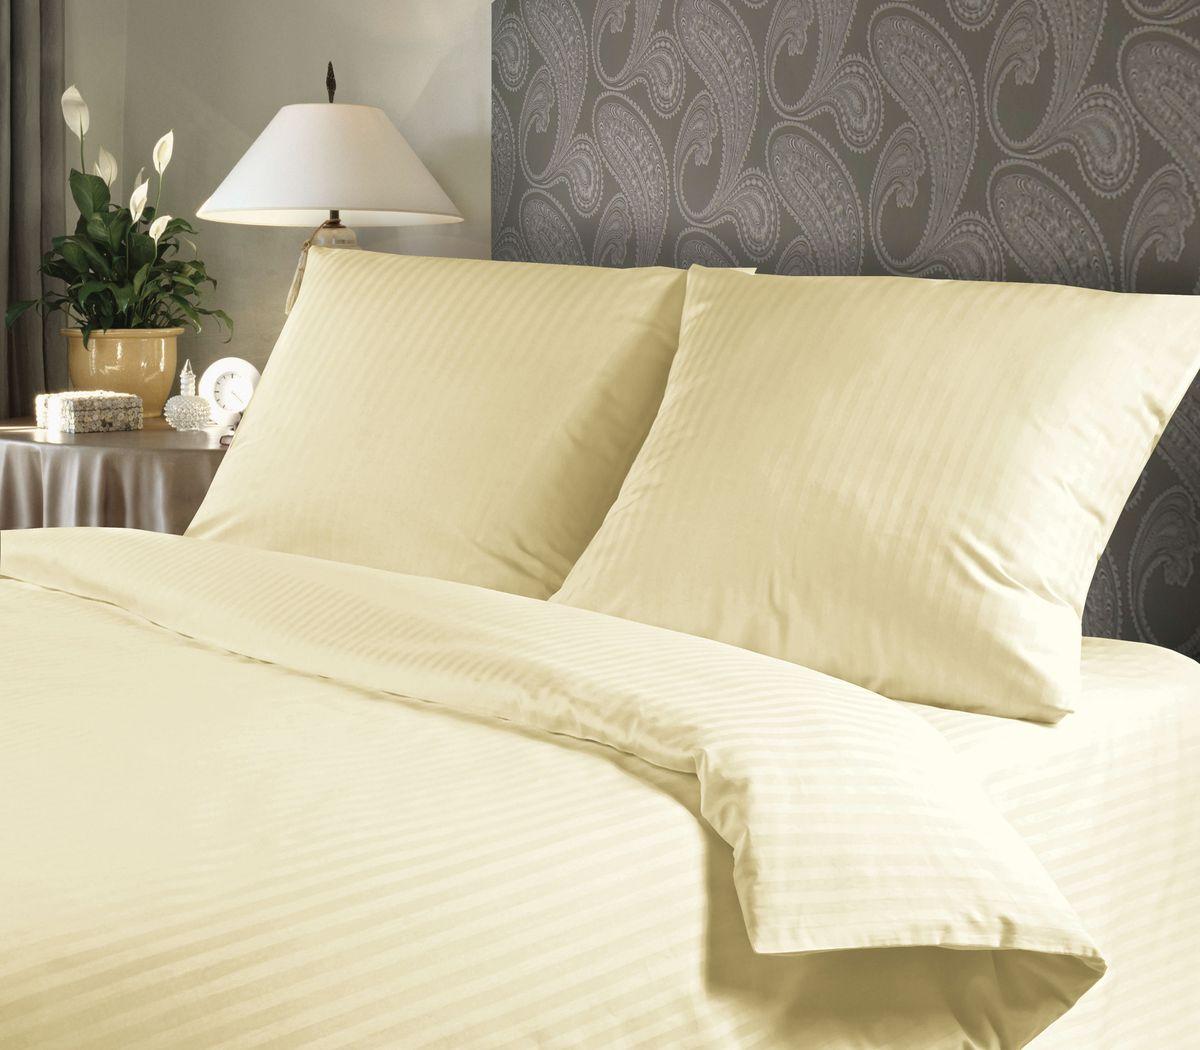 Комплект белья Verossa Amber, 1,5-спальный, наволочки 70х70711209Комплект постельного белья включает в себя четыре предмета: простыню, пододеяльник и две наволочки, выполненные из страйп-сатина.Страйп-сатин - одна из разновидностей жаккардового сатина. Это ткань, плетение которой представляет собой чередующиеся полосы, отсюда и название материала: в переводе с английского stripe и есть полоска. Размер пододеяльника: 148 x 215 см.Размер простыни: 180 x 215 см.Размер наволочек: 70 x 70 см.